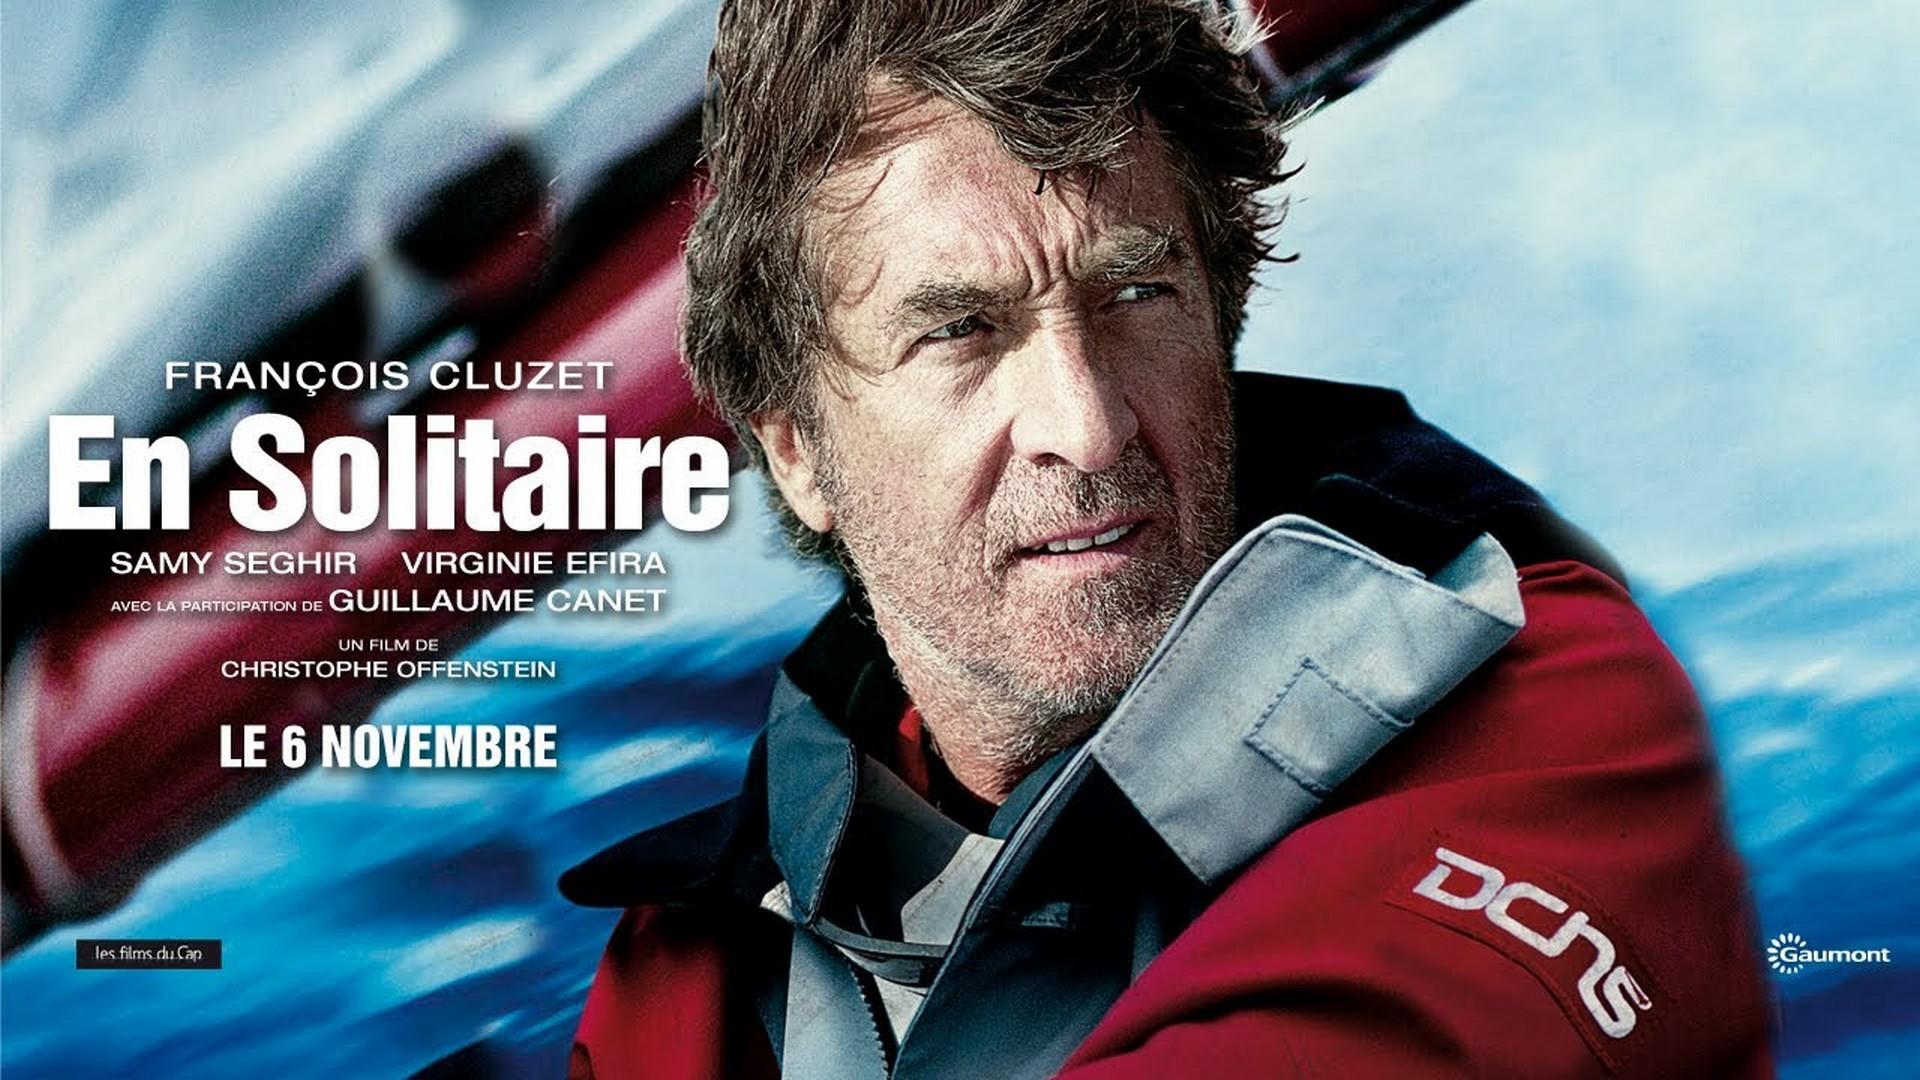 Film – En solitaire (2013) François Cluzet